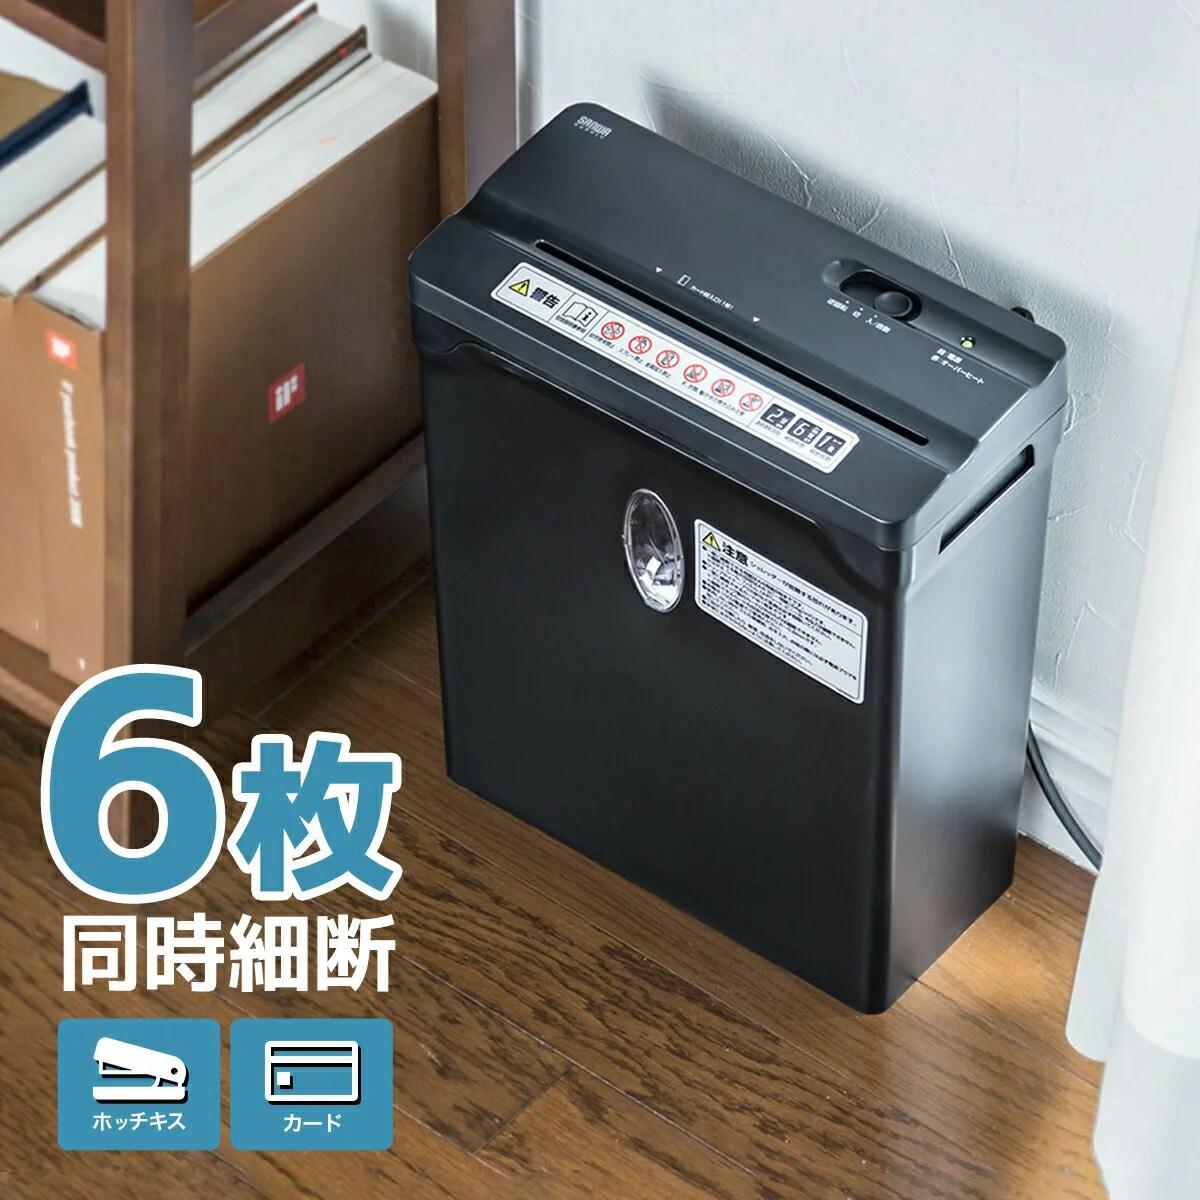 シュレッダー 電動 クロスカット 家庭用 ブラック A4 6枚細断 ホッチキス対応・カード対応 コン